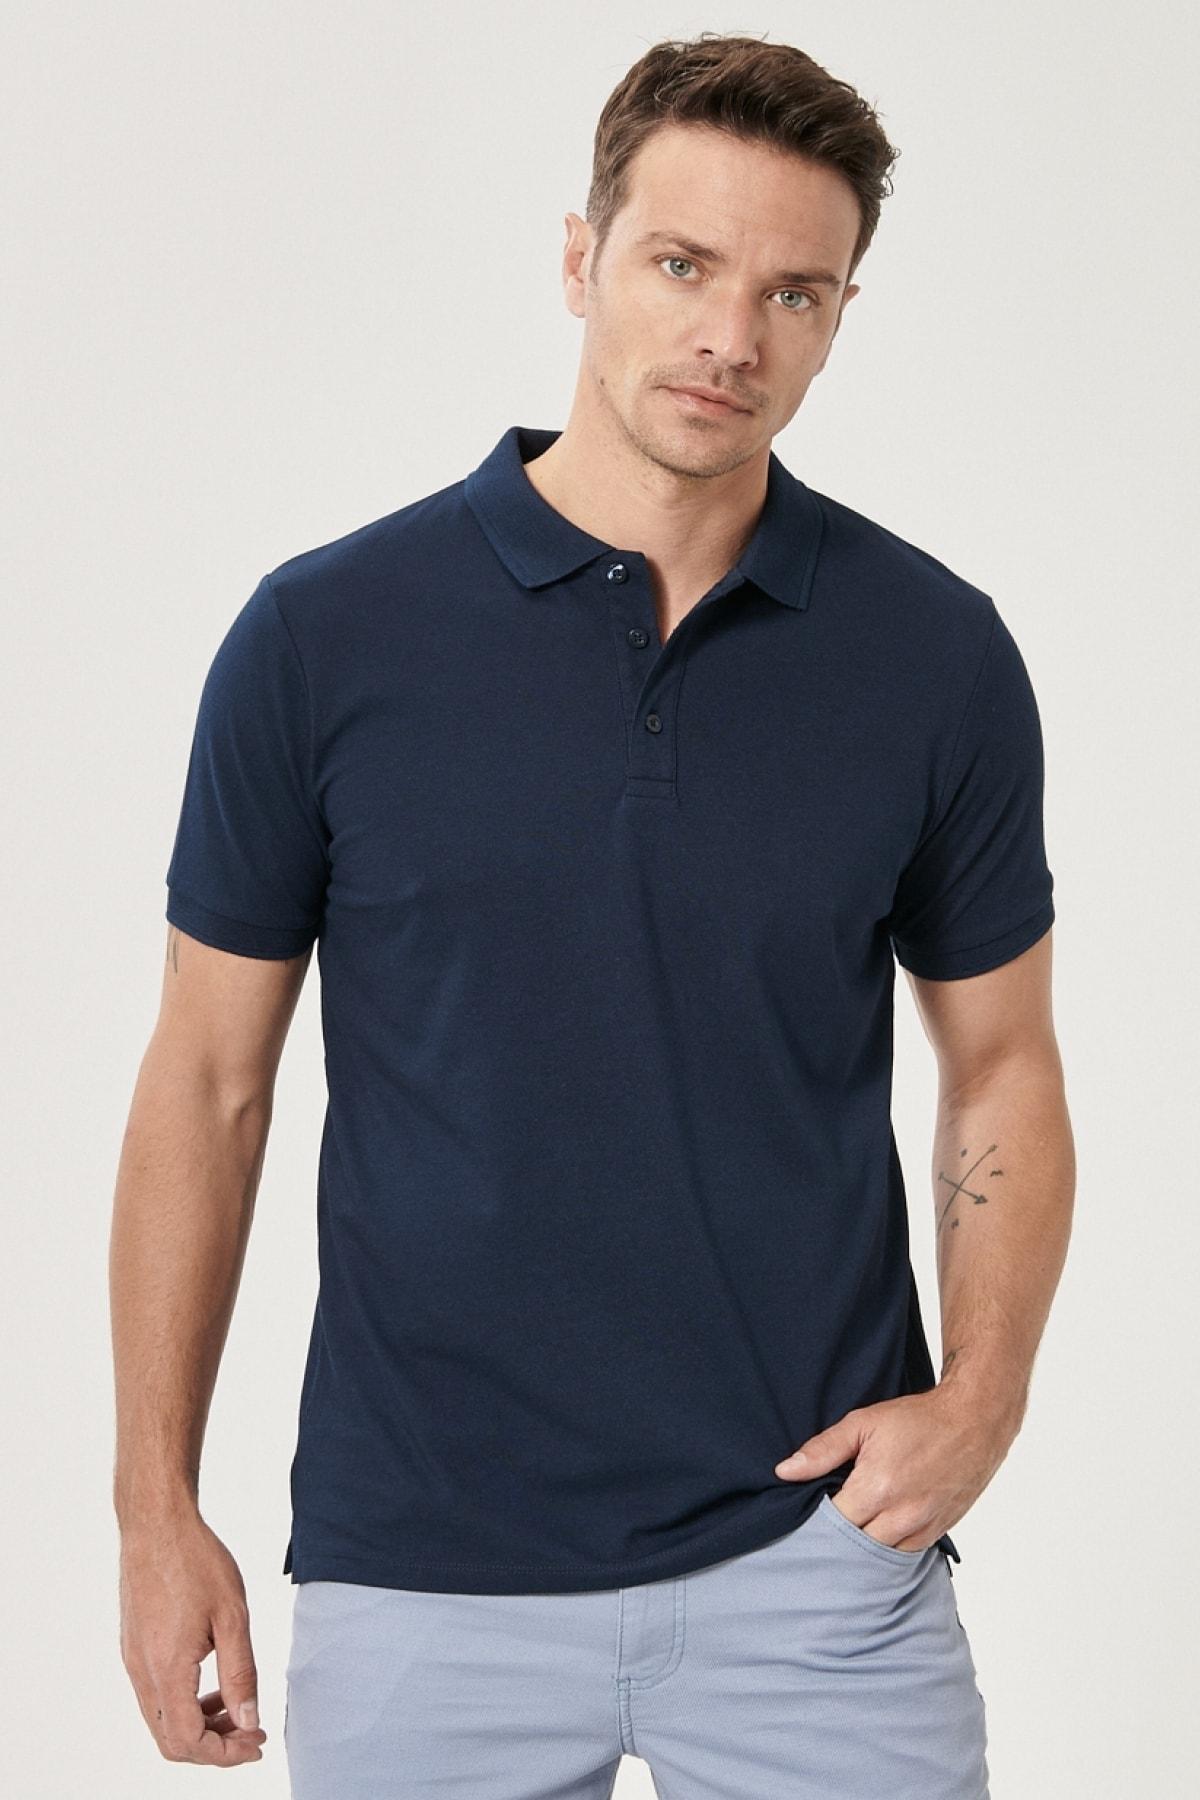 Erkek LACI-LACI Düğmeli Polo Yaka Cepsiz Slim Fit Dar Kesim Düz Tişört